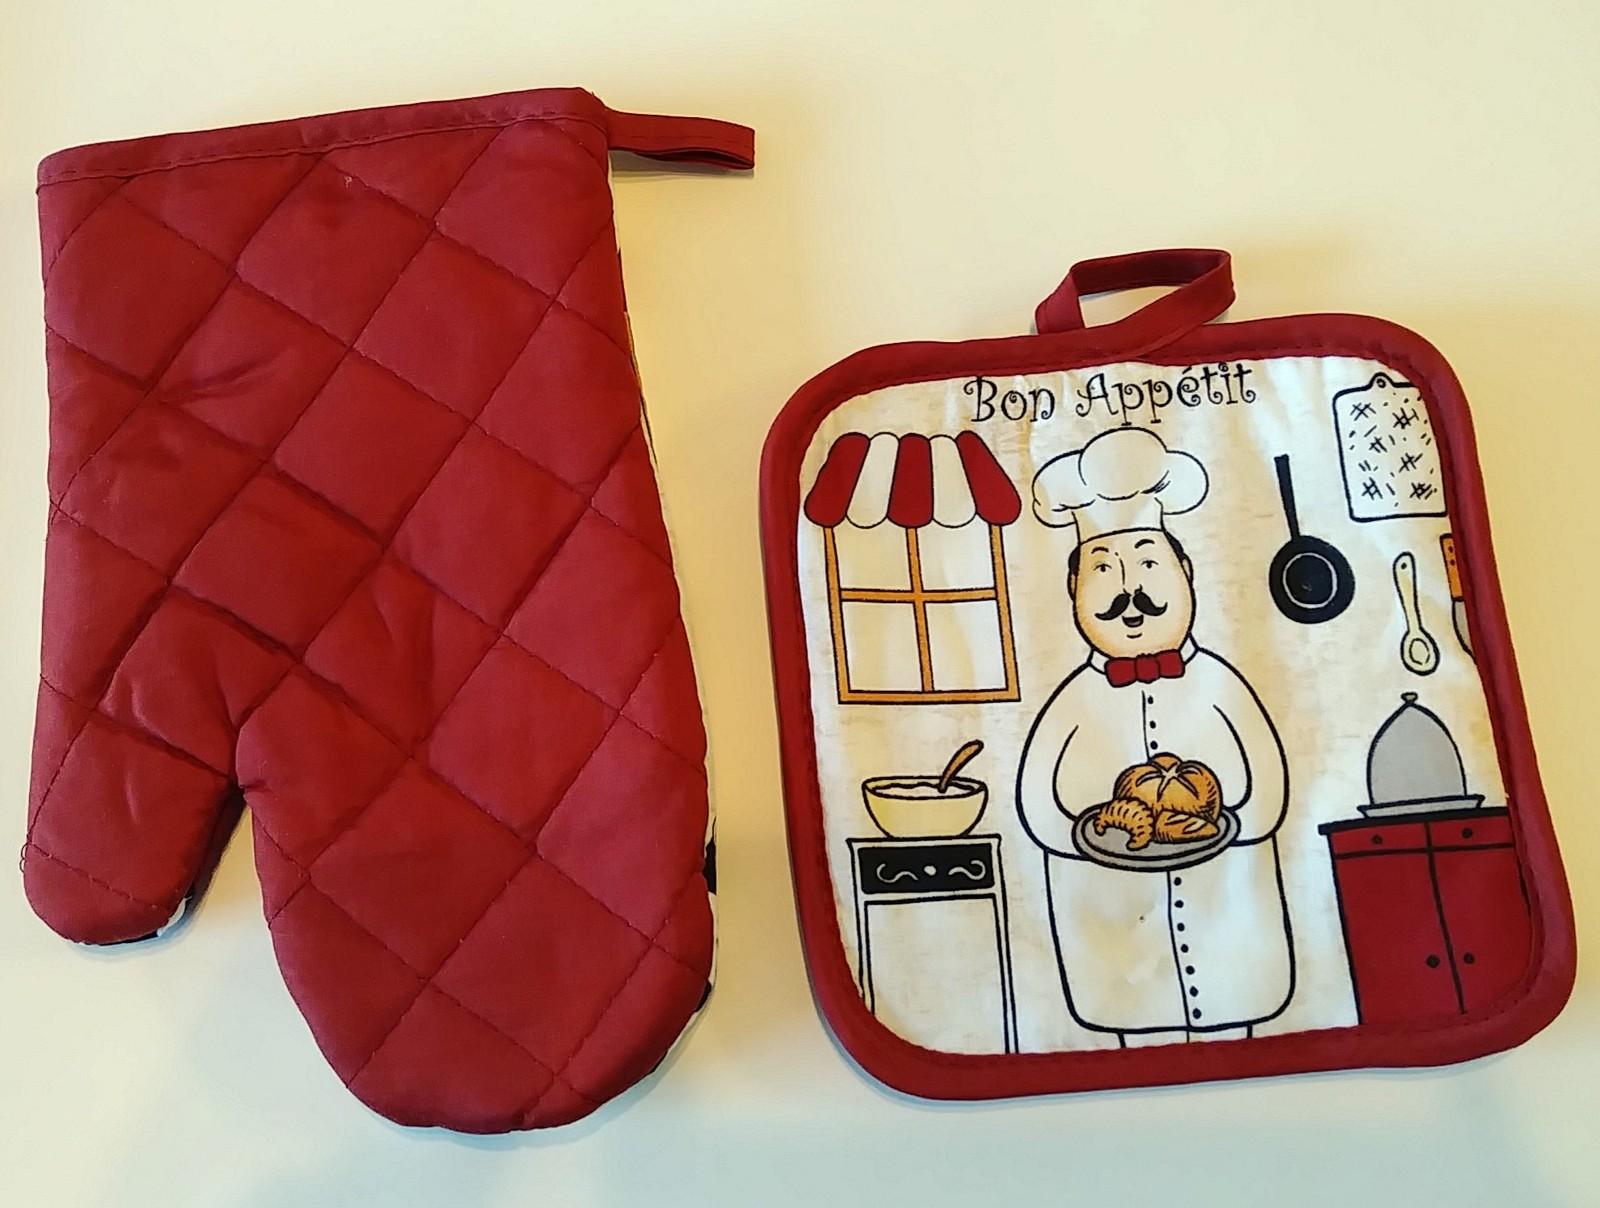 FAT CHEF OVEN MITT SET 2pc Potholder Kitchen Decor Red Cook Bon Appetit NEW